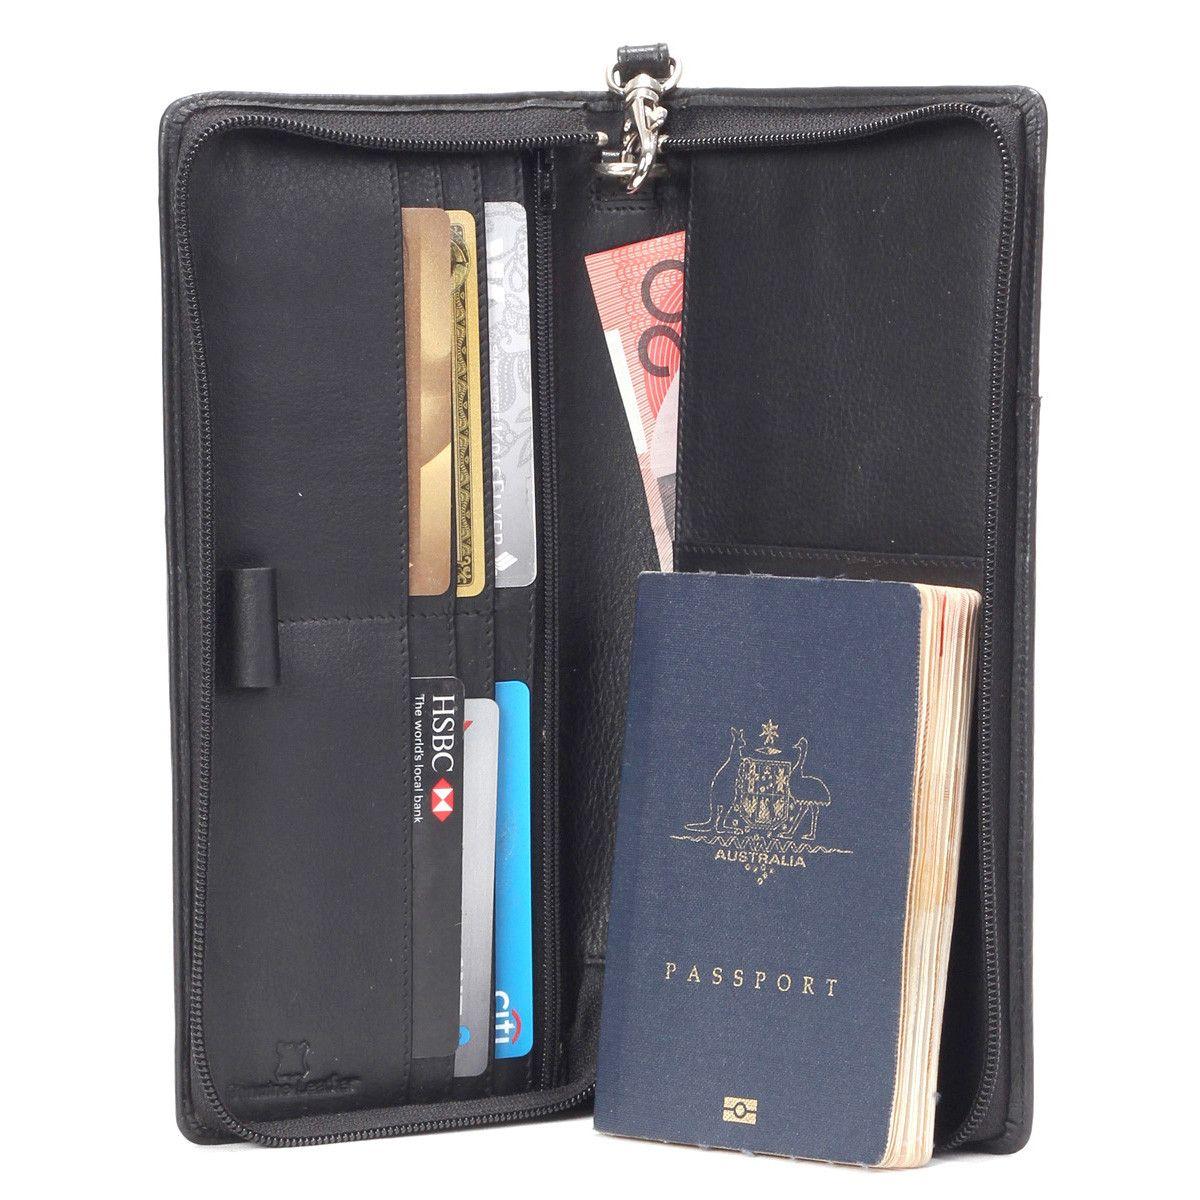 rfid card holder australia